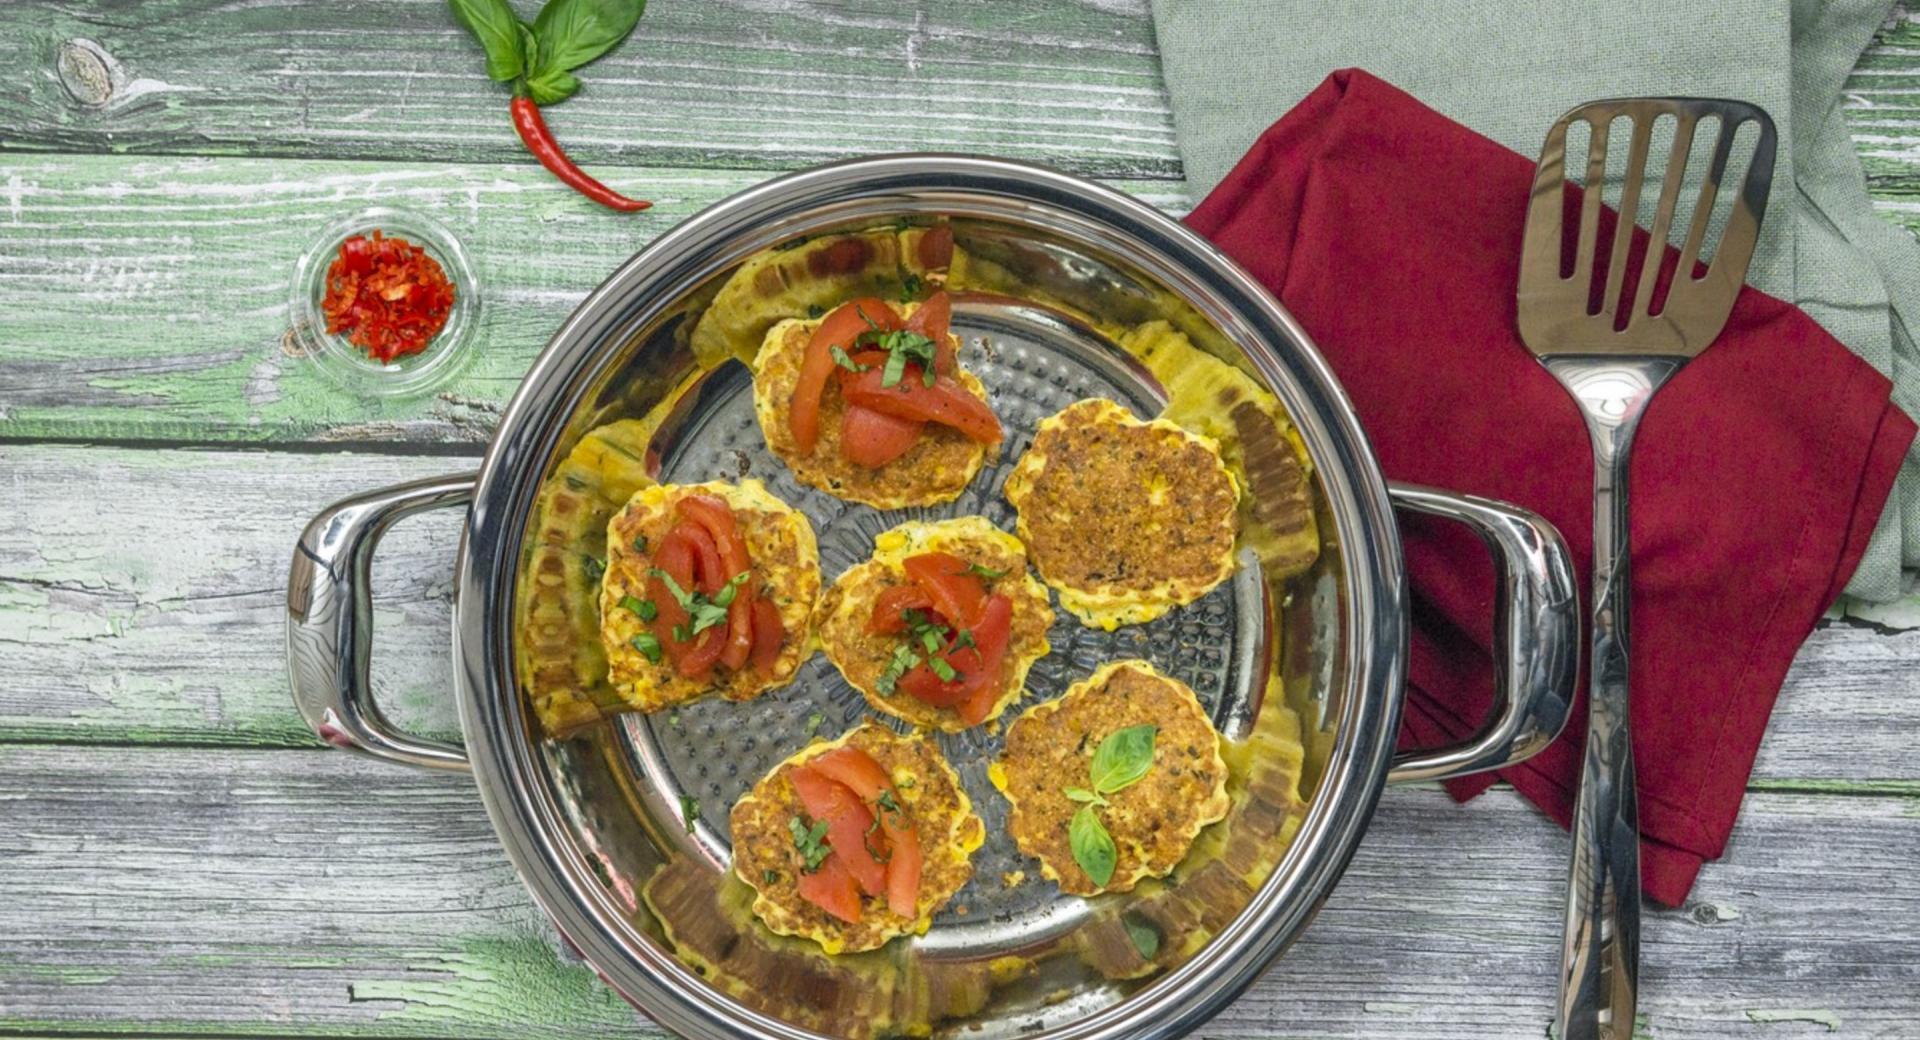 Tortas de maíz con tomate